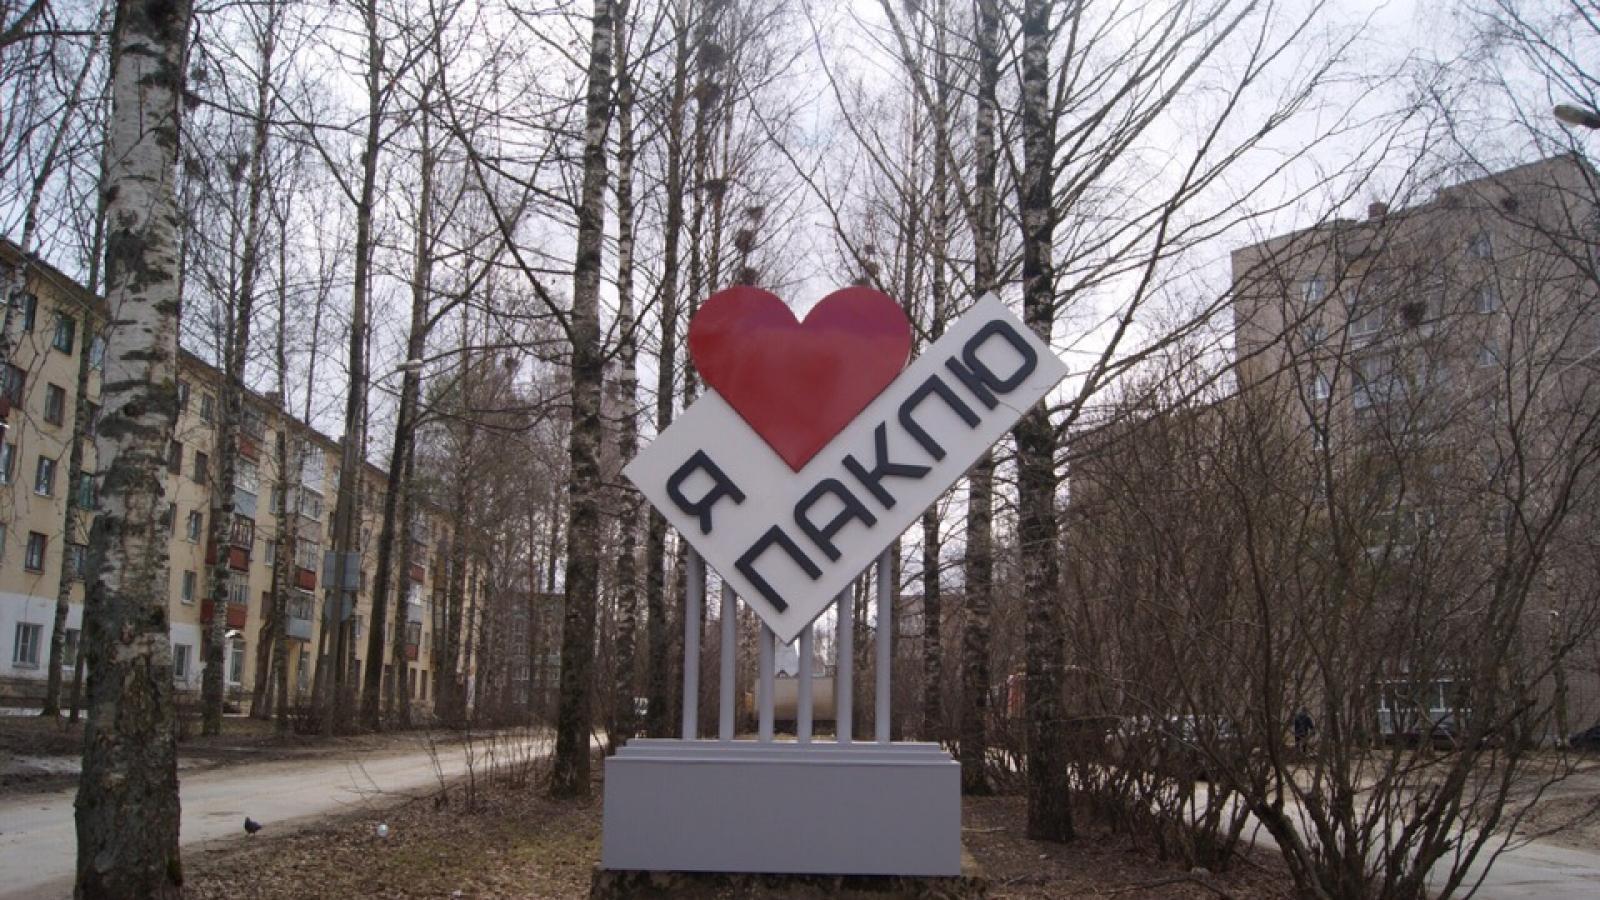 В 6-ом микрорайоне Вологды установили новый арт-объект